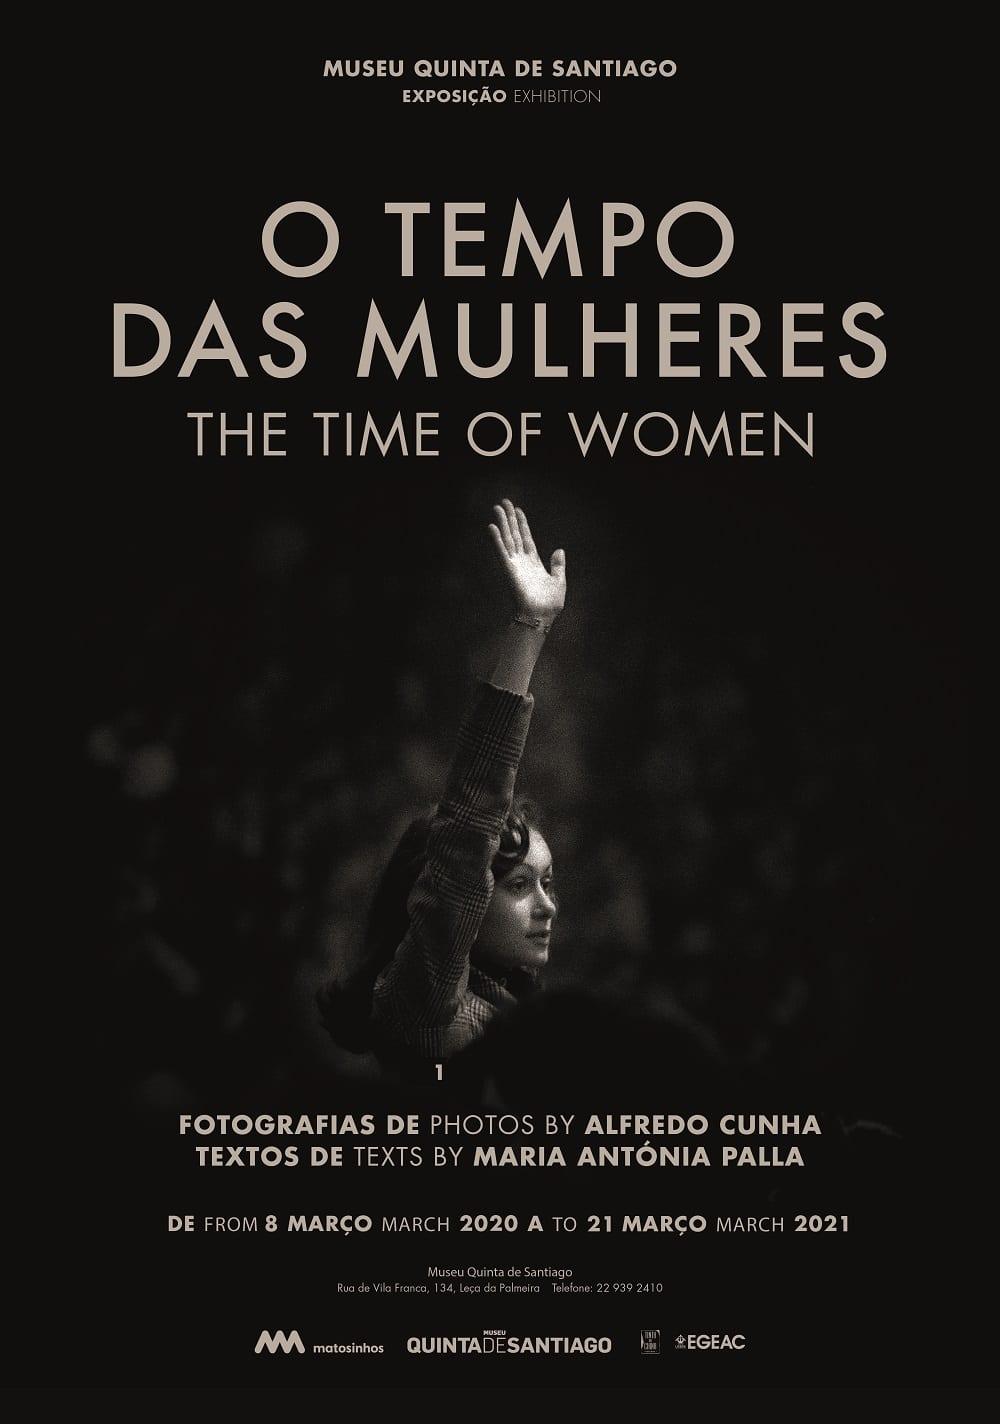 O TEMPO DAS MULHERES - EXPOSIÇÃO DE FOTOGRAFIA DE ALFREDO CUNHA